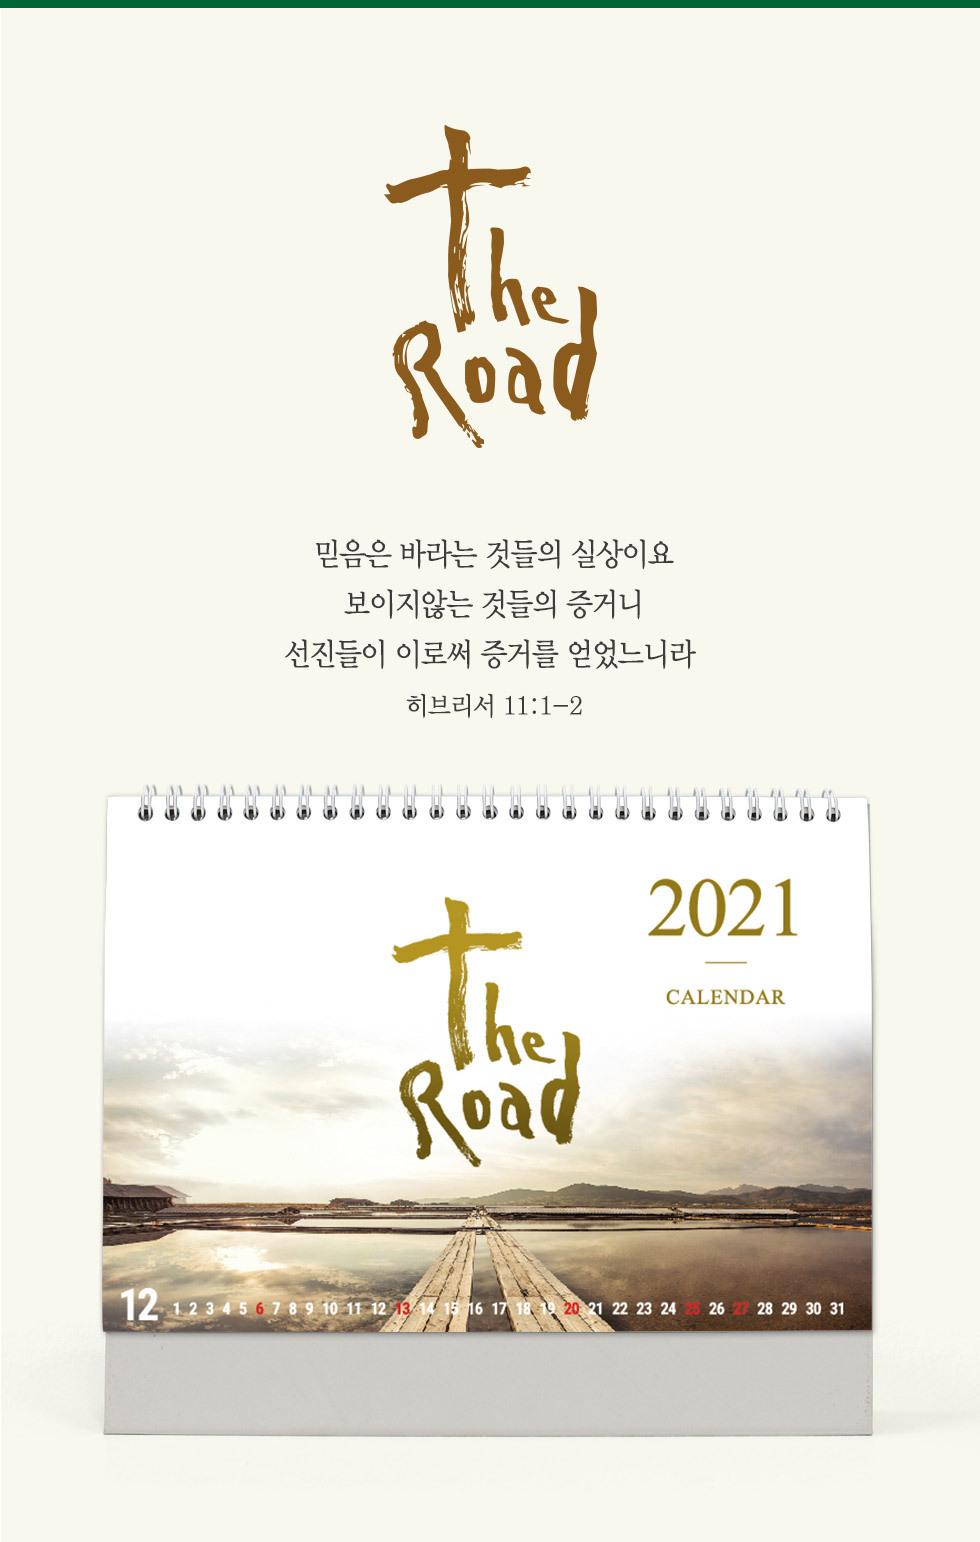 2021년 탁상달력 길 The Road -  길 The Road, 시편 115:13 높은 사람이나 낮은 사람을 막론하고 여호와를 경외하는 자들에게 복을 주시리로다.